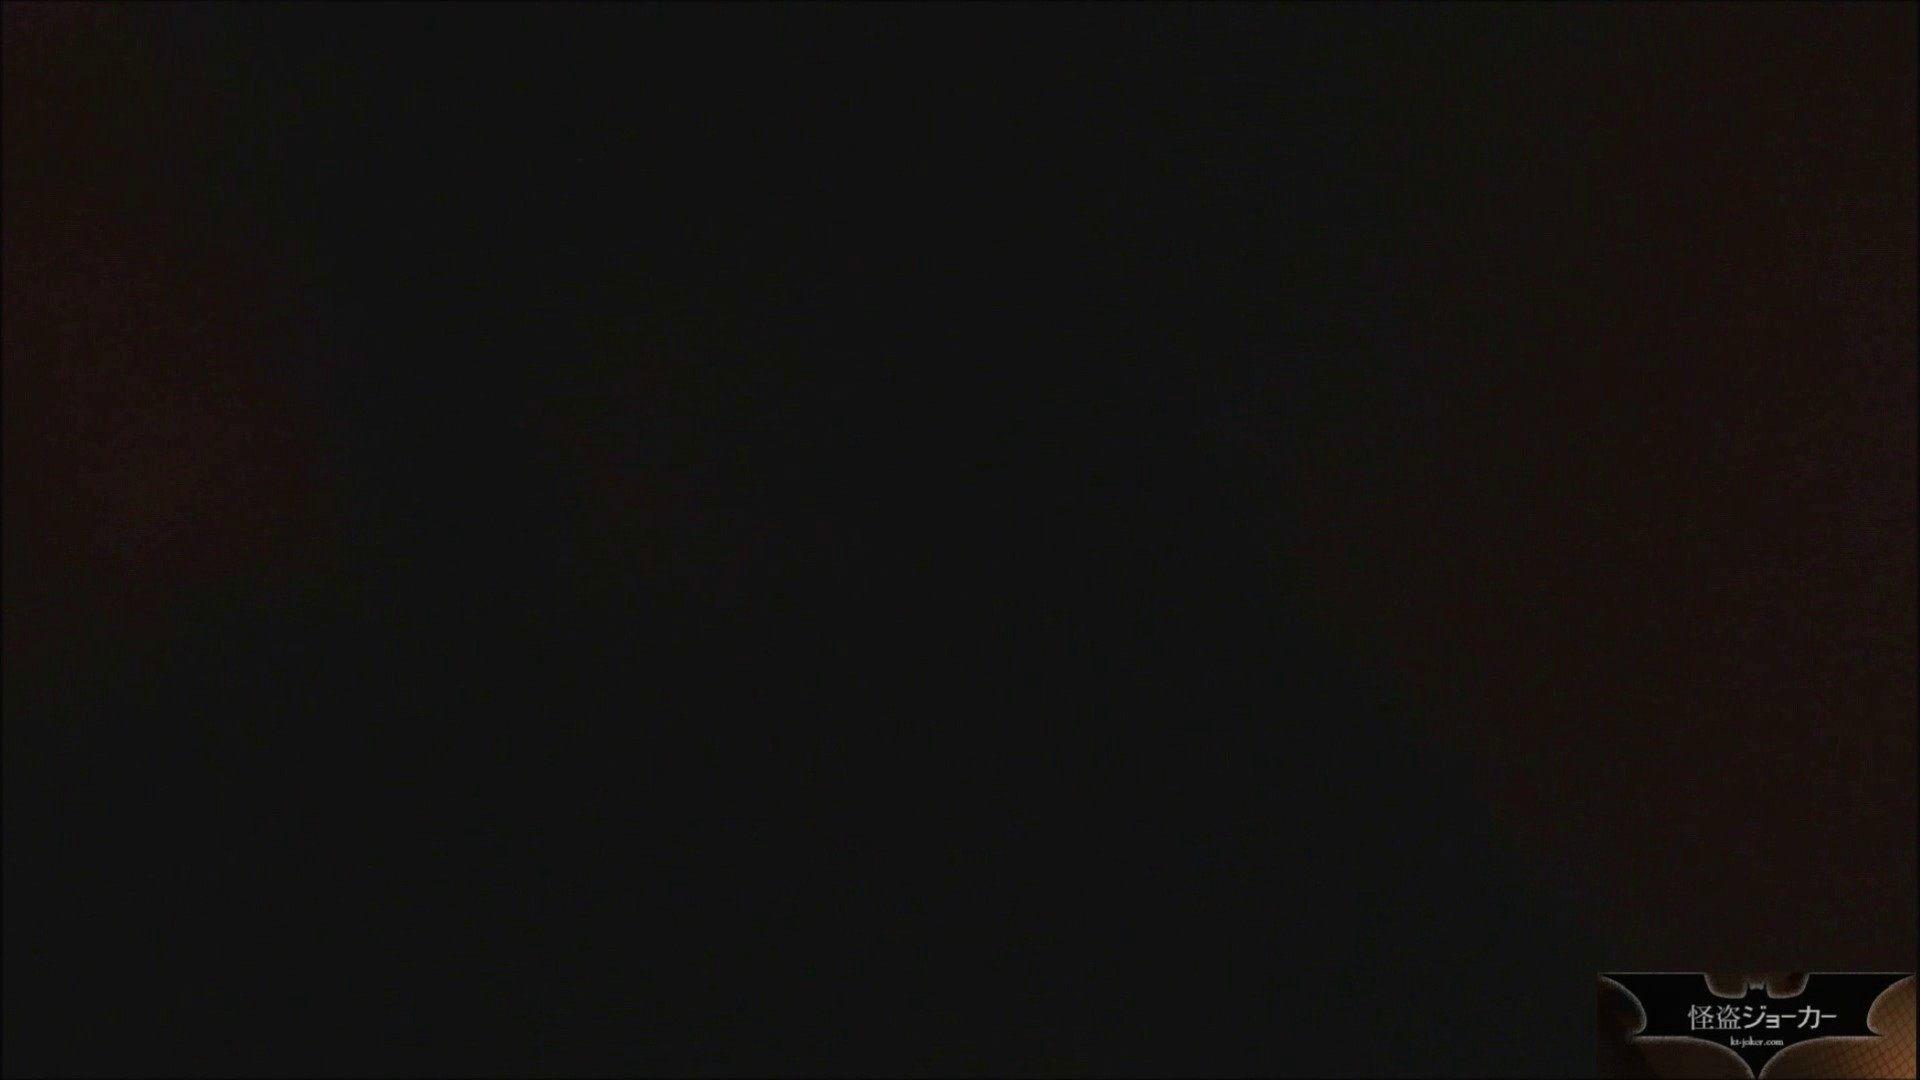 【未公開】vol.16 まおとこずえ-前編- 人妻達のヌード | 知人達のヌード  68連発 67